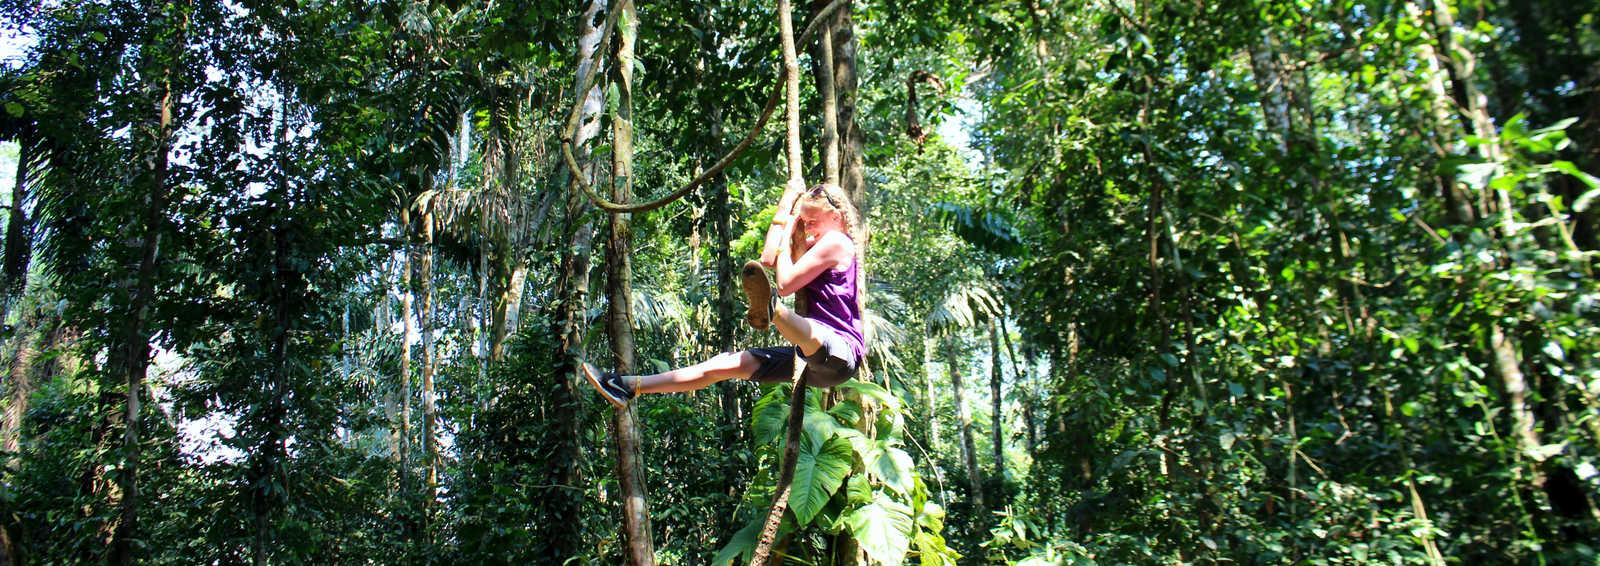 Girl swinging in the trees, Amazon, Peru